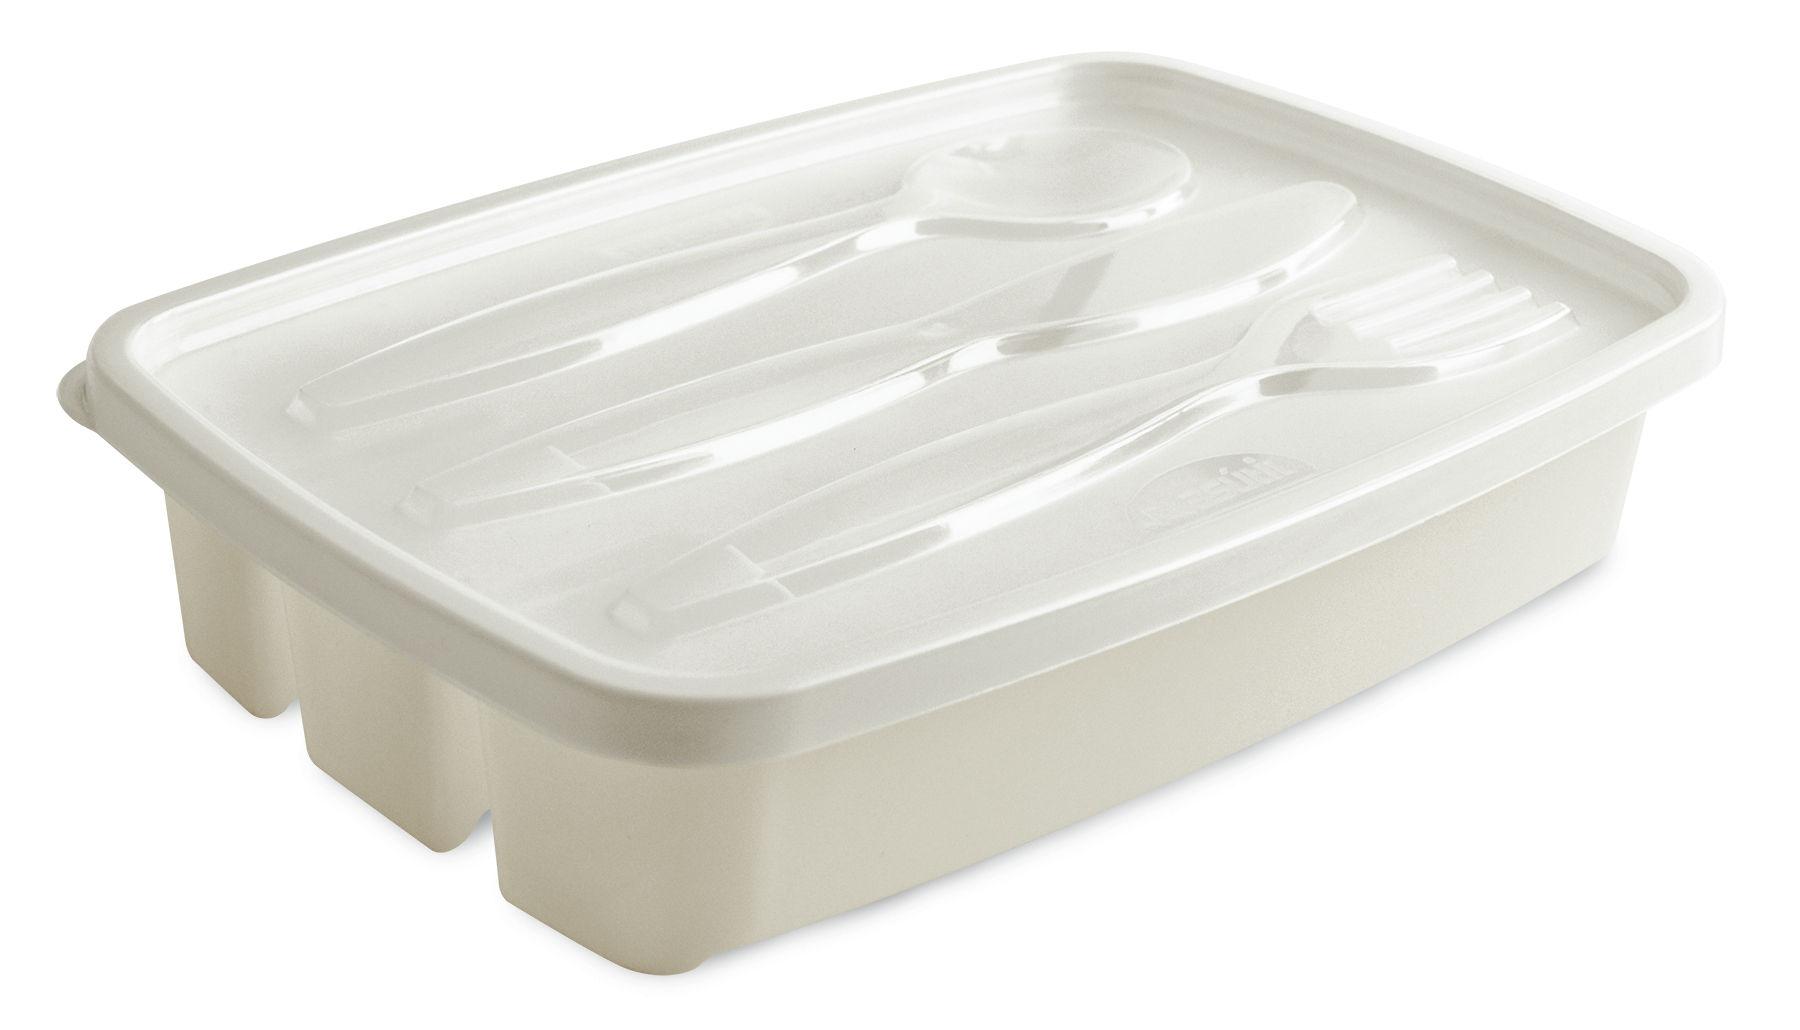 Porta Talher de Plástico 3 Divisórias